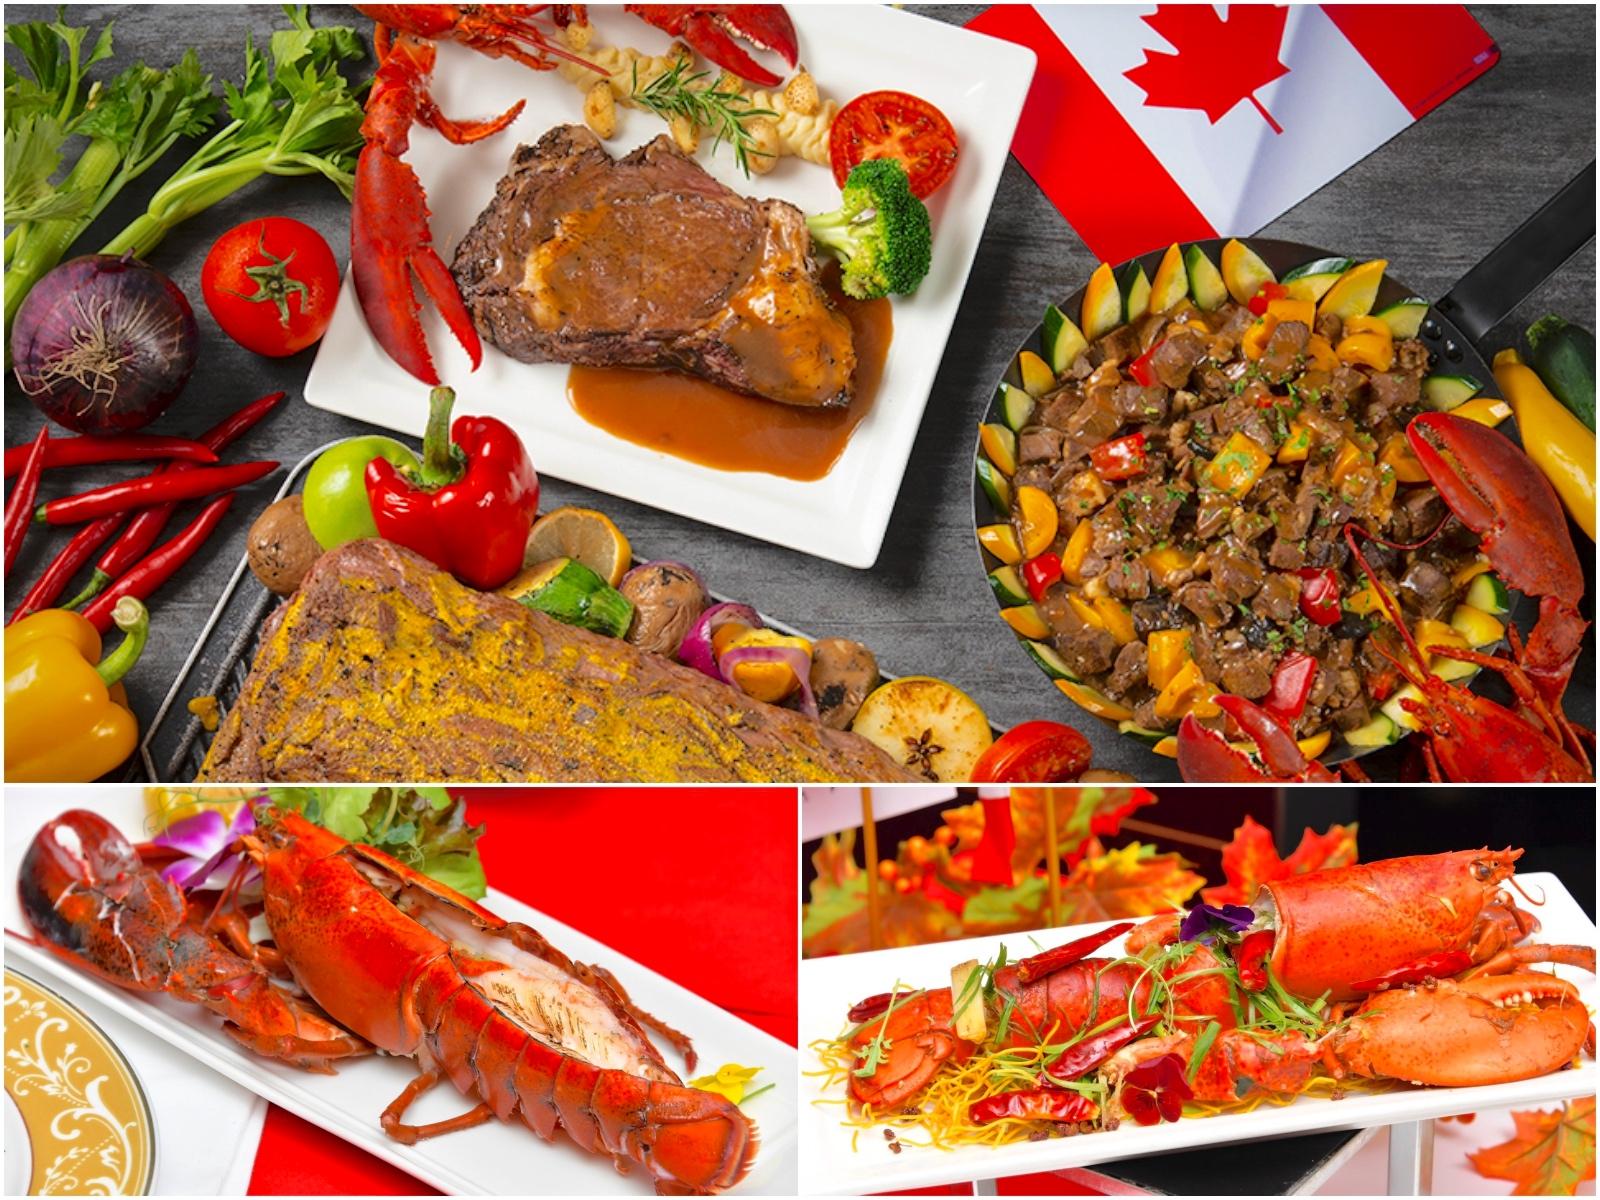 加拿大爐烤牛排與新鮮龍蝦